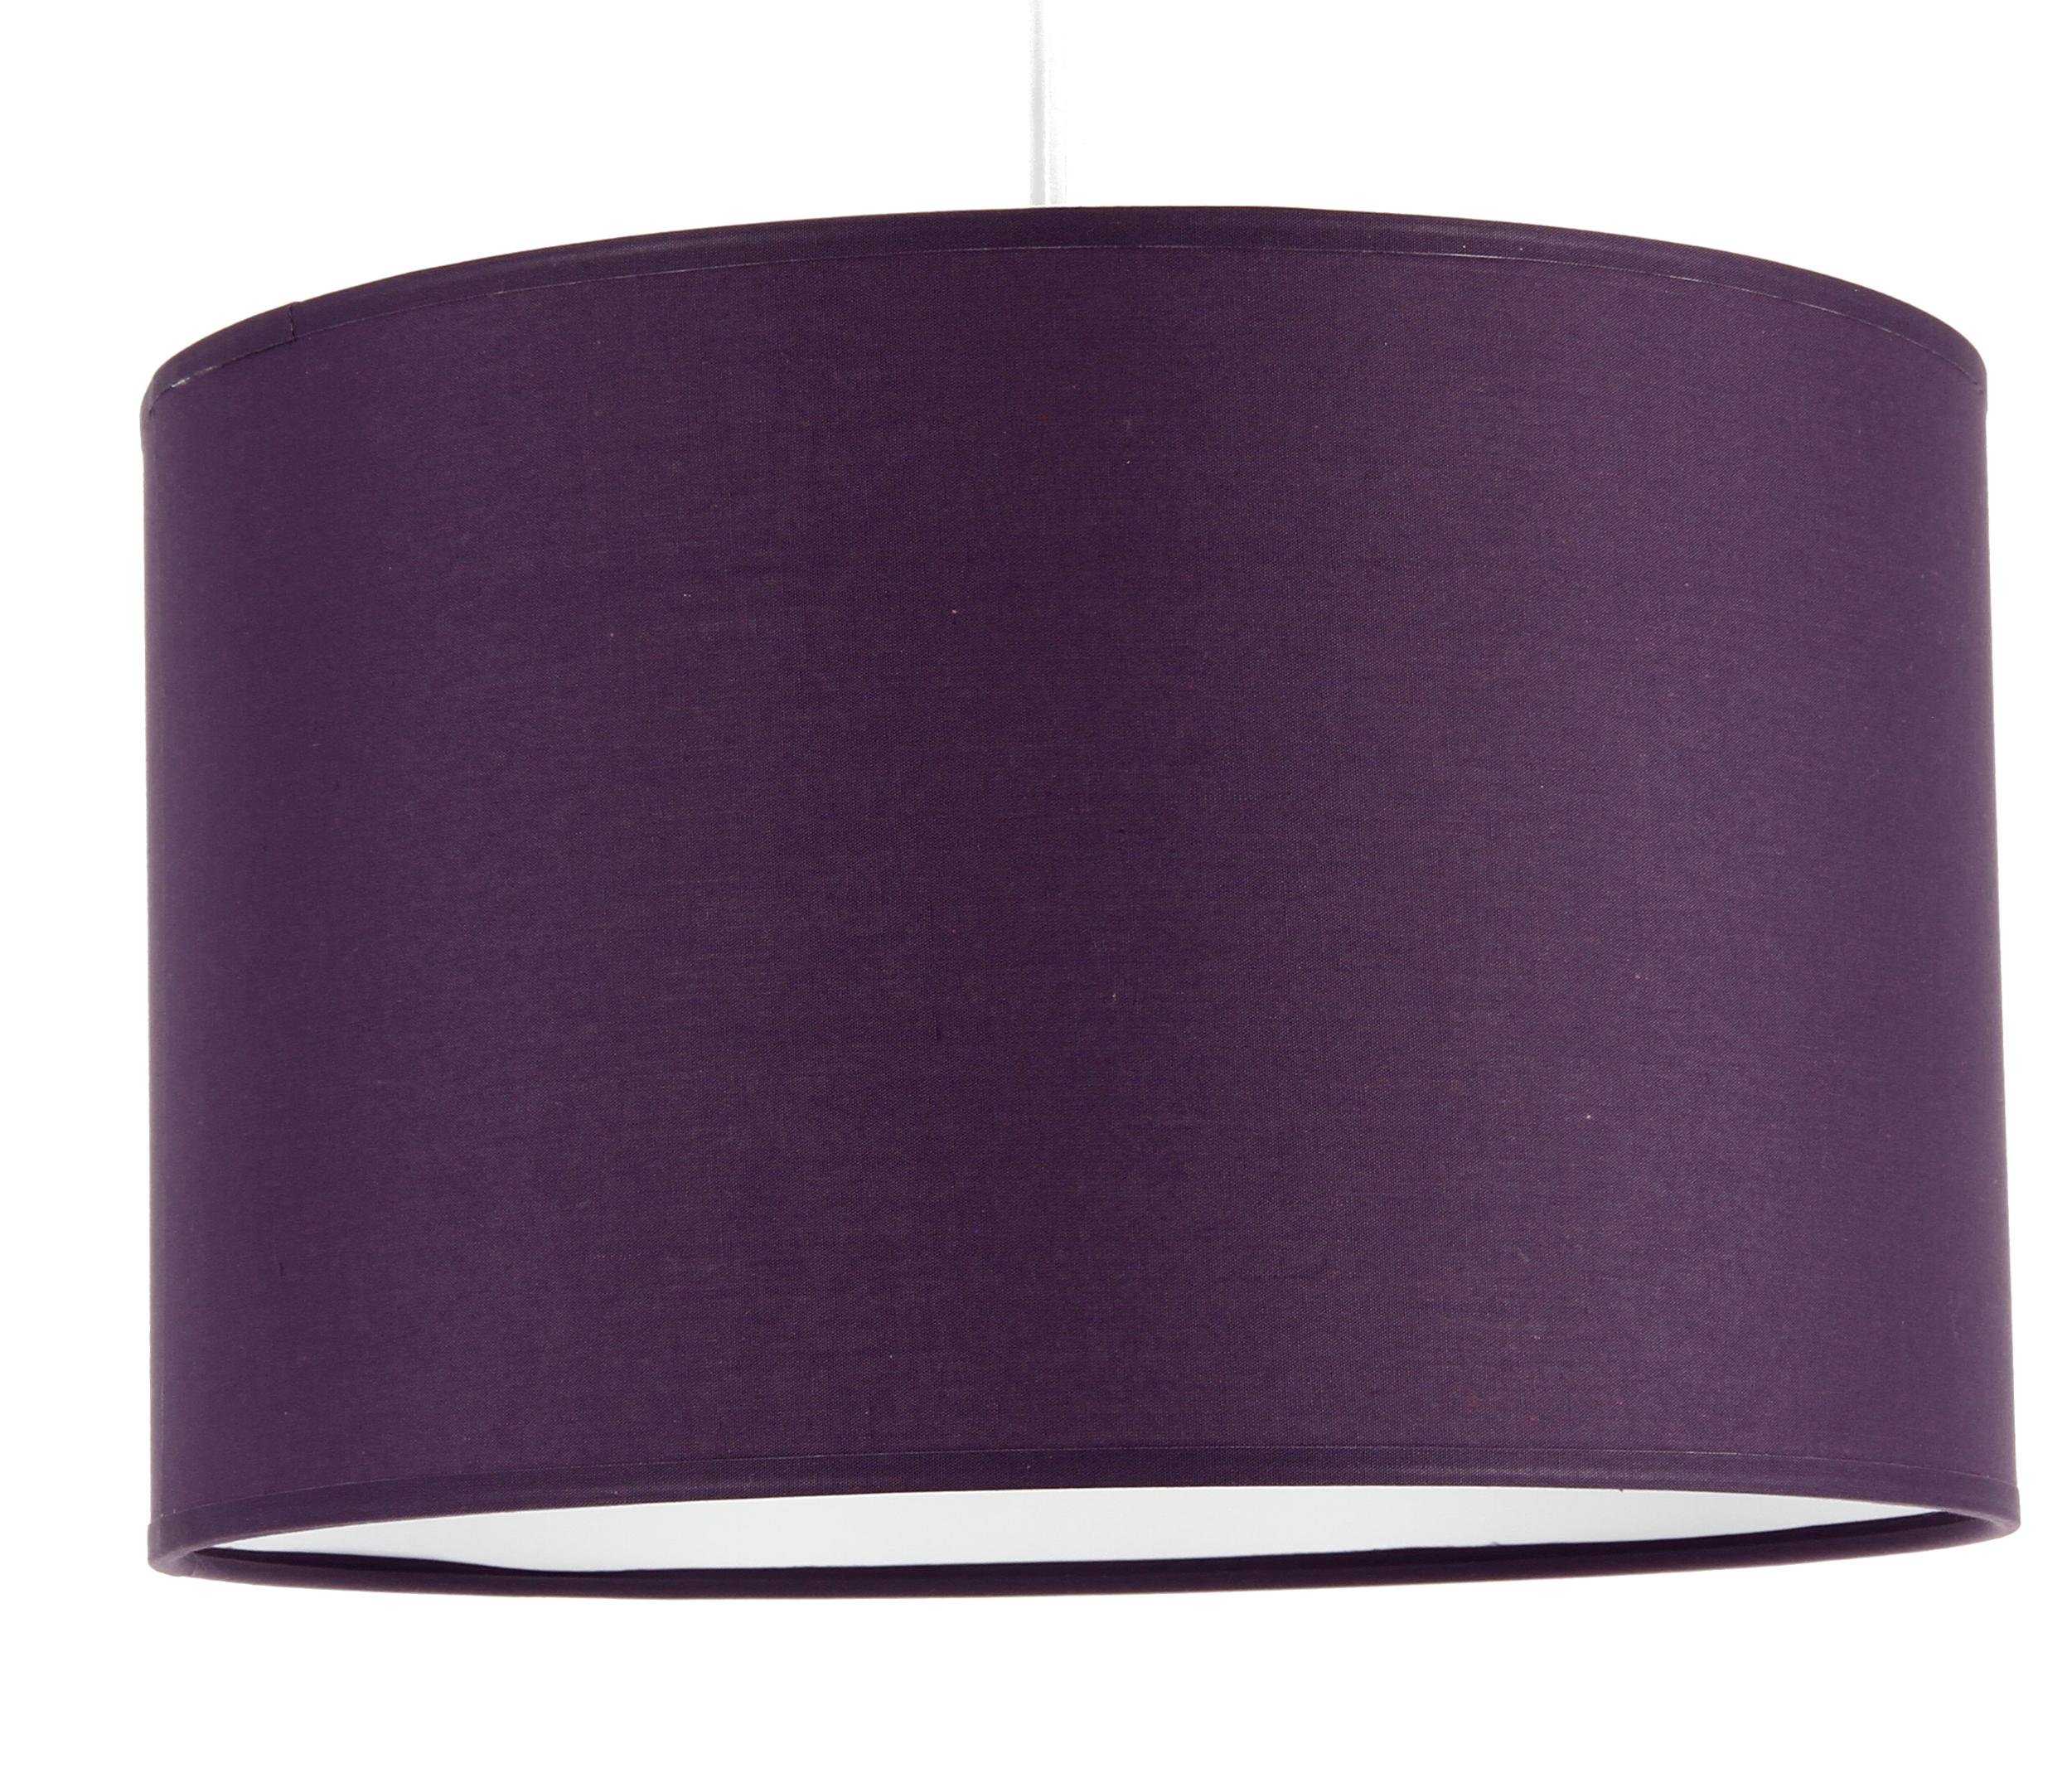 suspension cylindre coton violet suspensions en tissu e metropolight. Black Bedroom Furniture Sets. Home Design Ideas